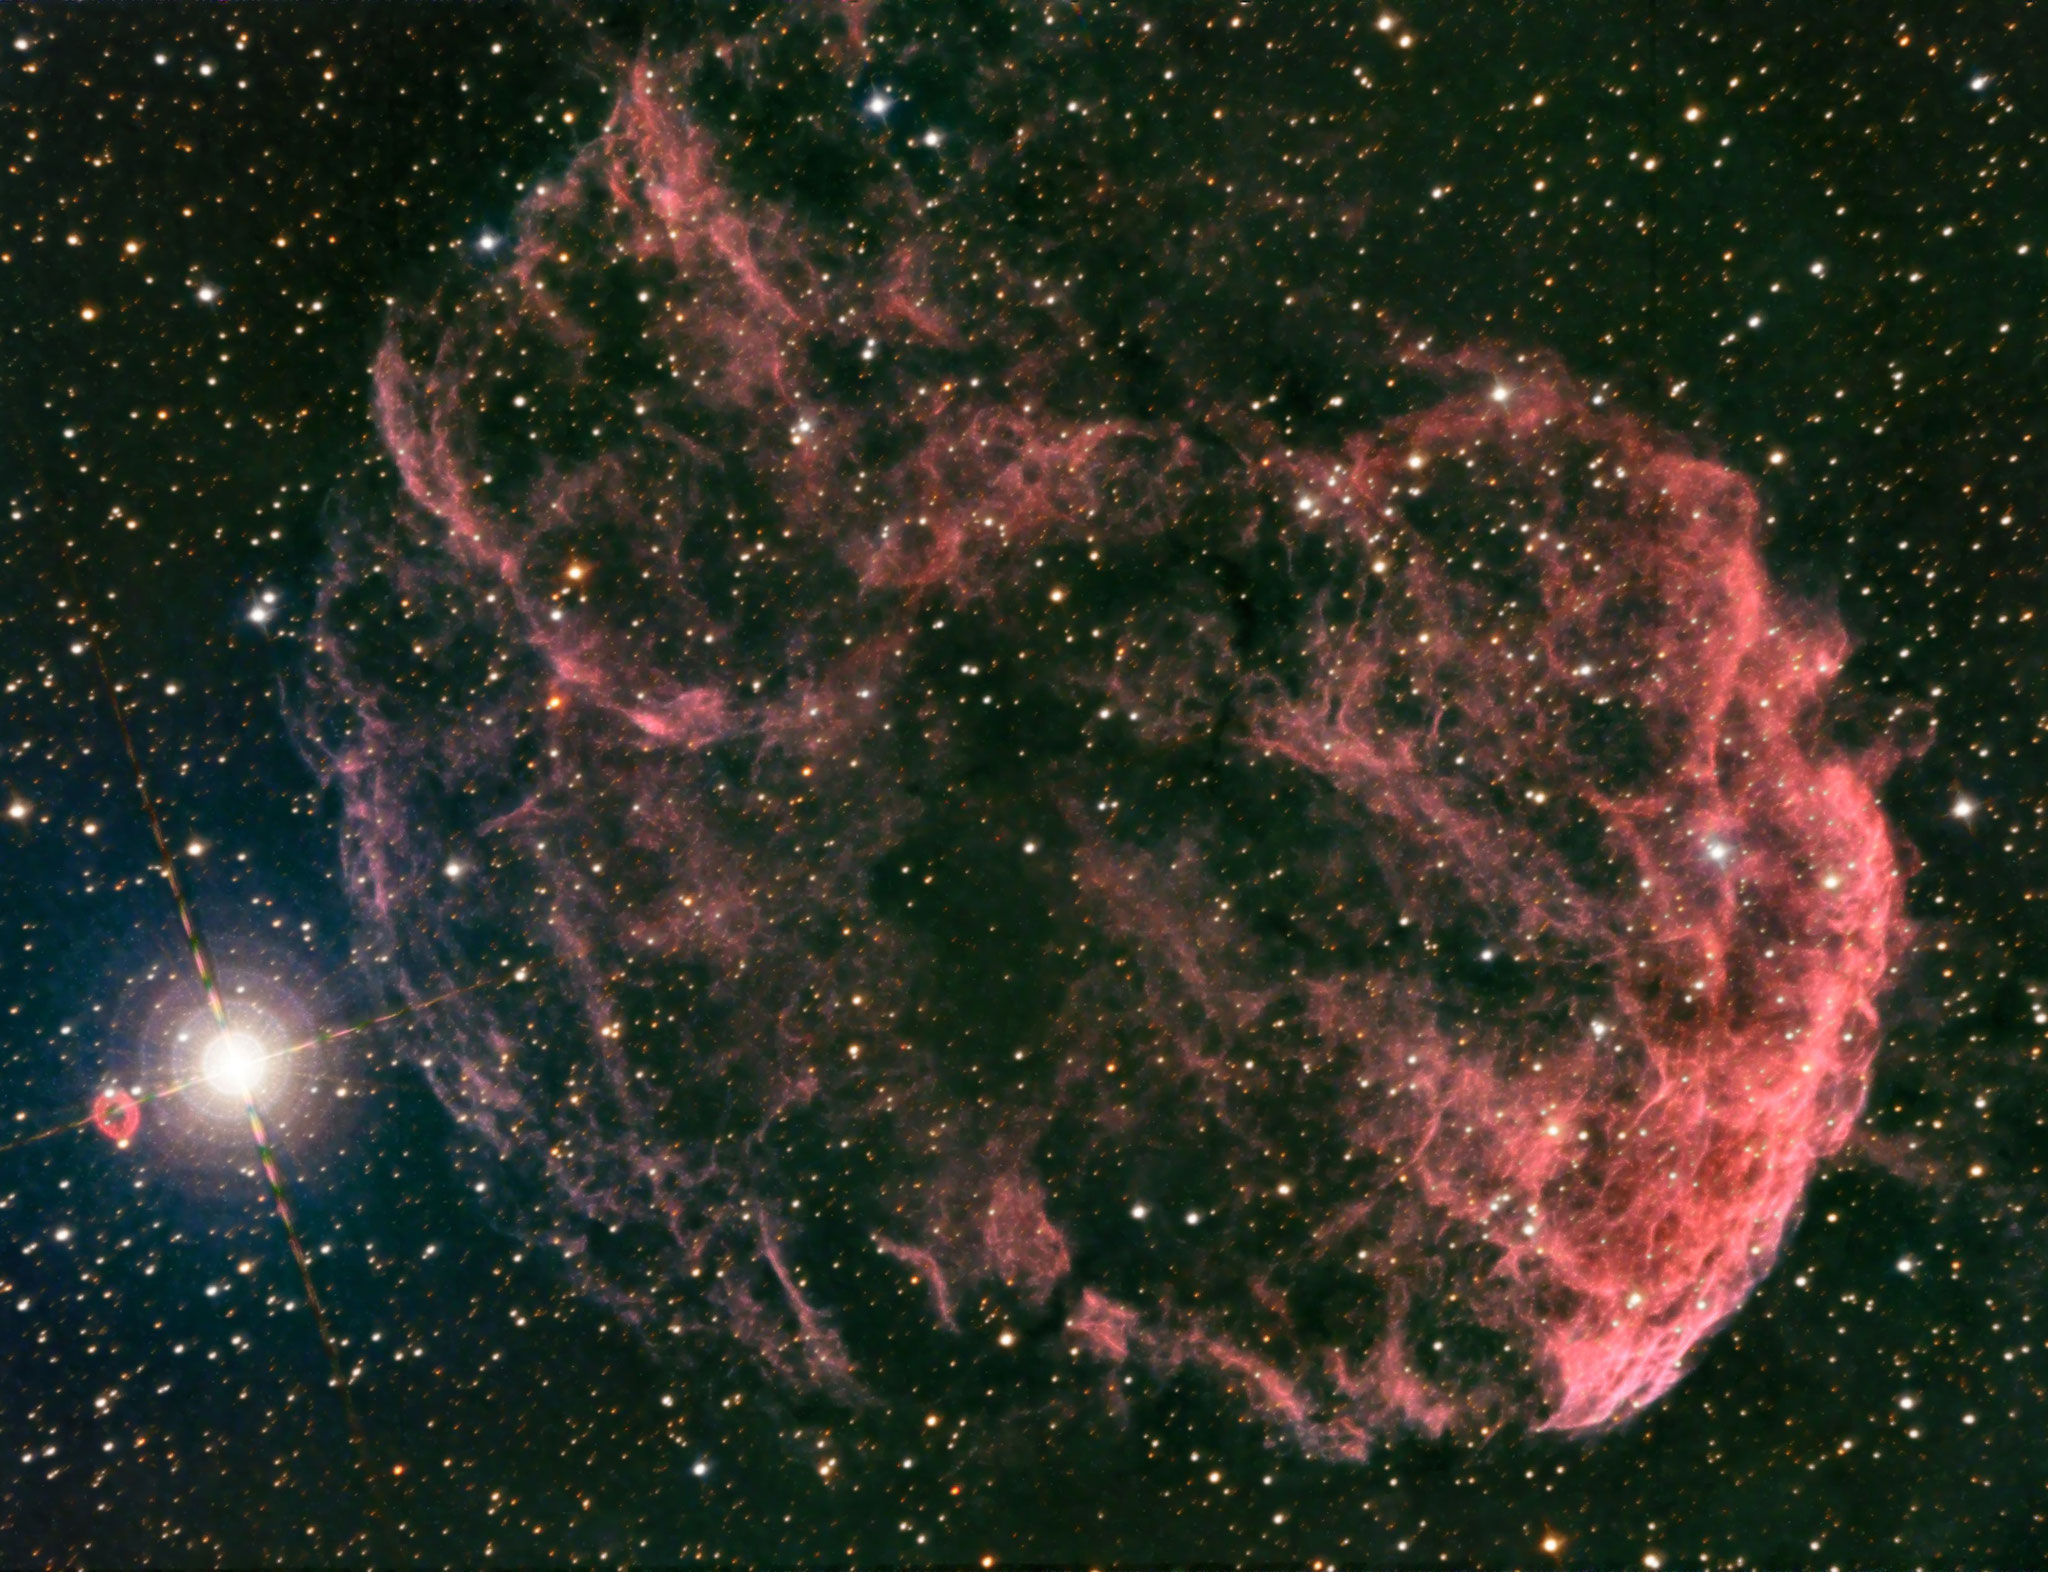 IC443, la nébuleuse de la méduse, Ha (20x600s, bin 1), RVB (15x180, bin 2), total = 5h 35, 31 octobre 2016, GIlles